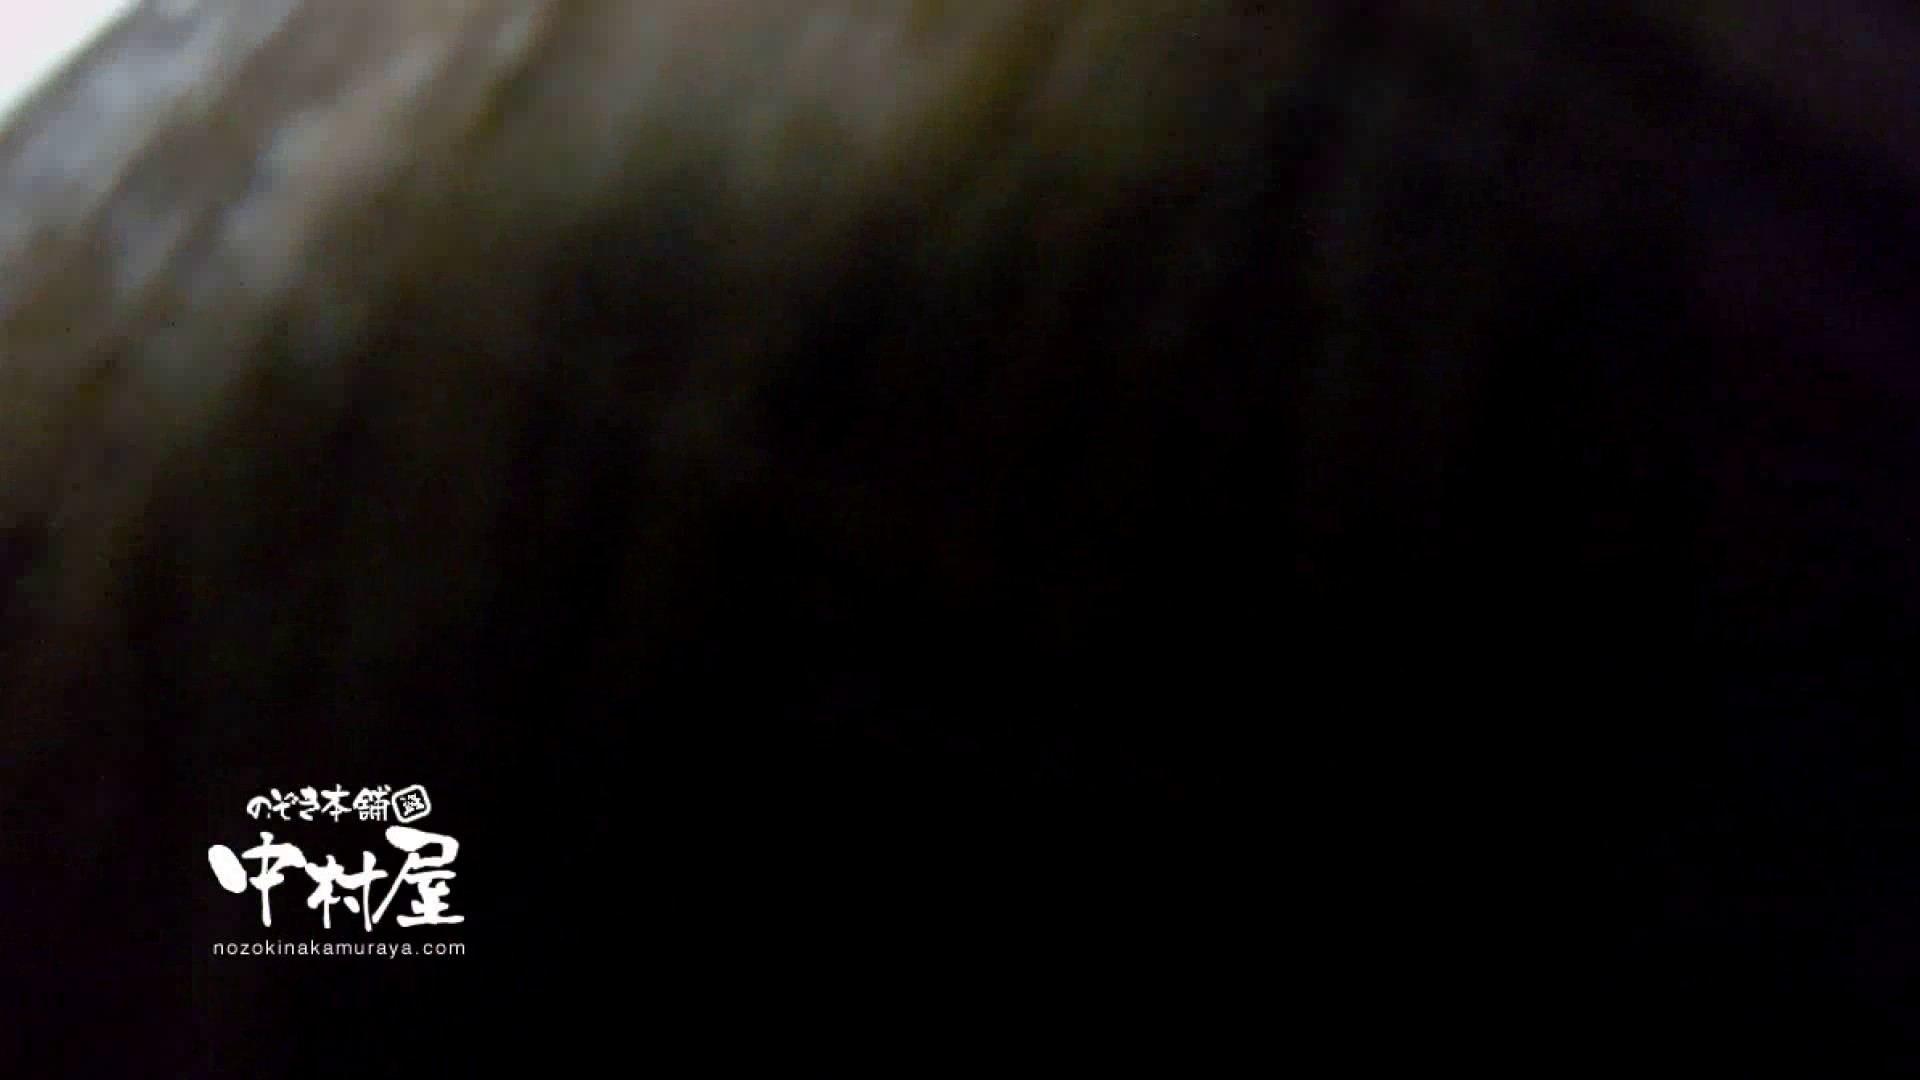 鬼畜 vol.16 実はマンざらでもない柔らかおっぱいちゃん 前編 鬼畜 | OLヌード天国  95PIX 43